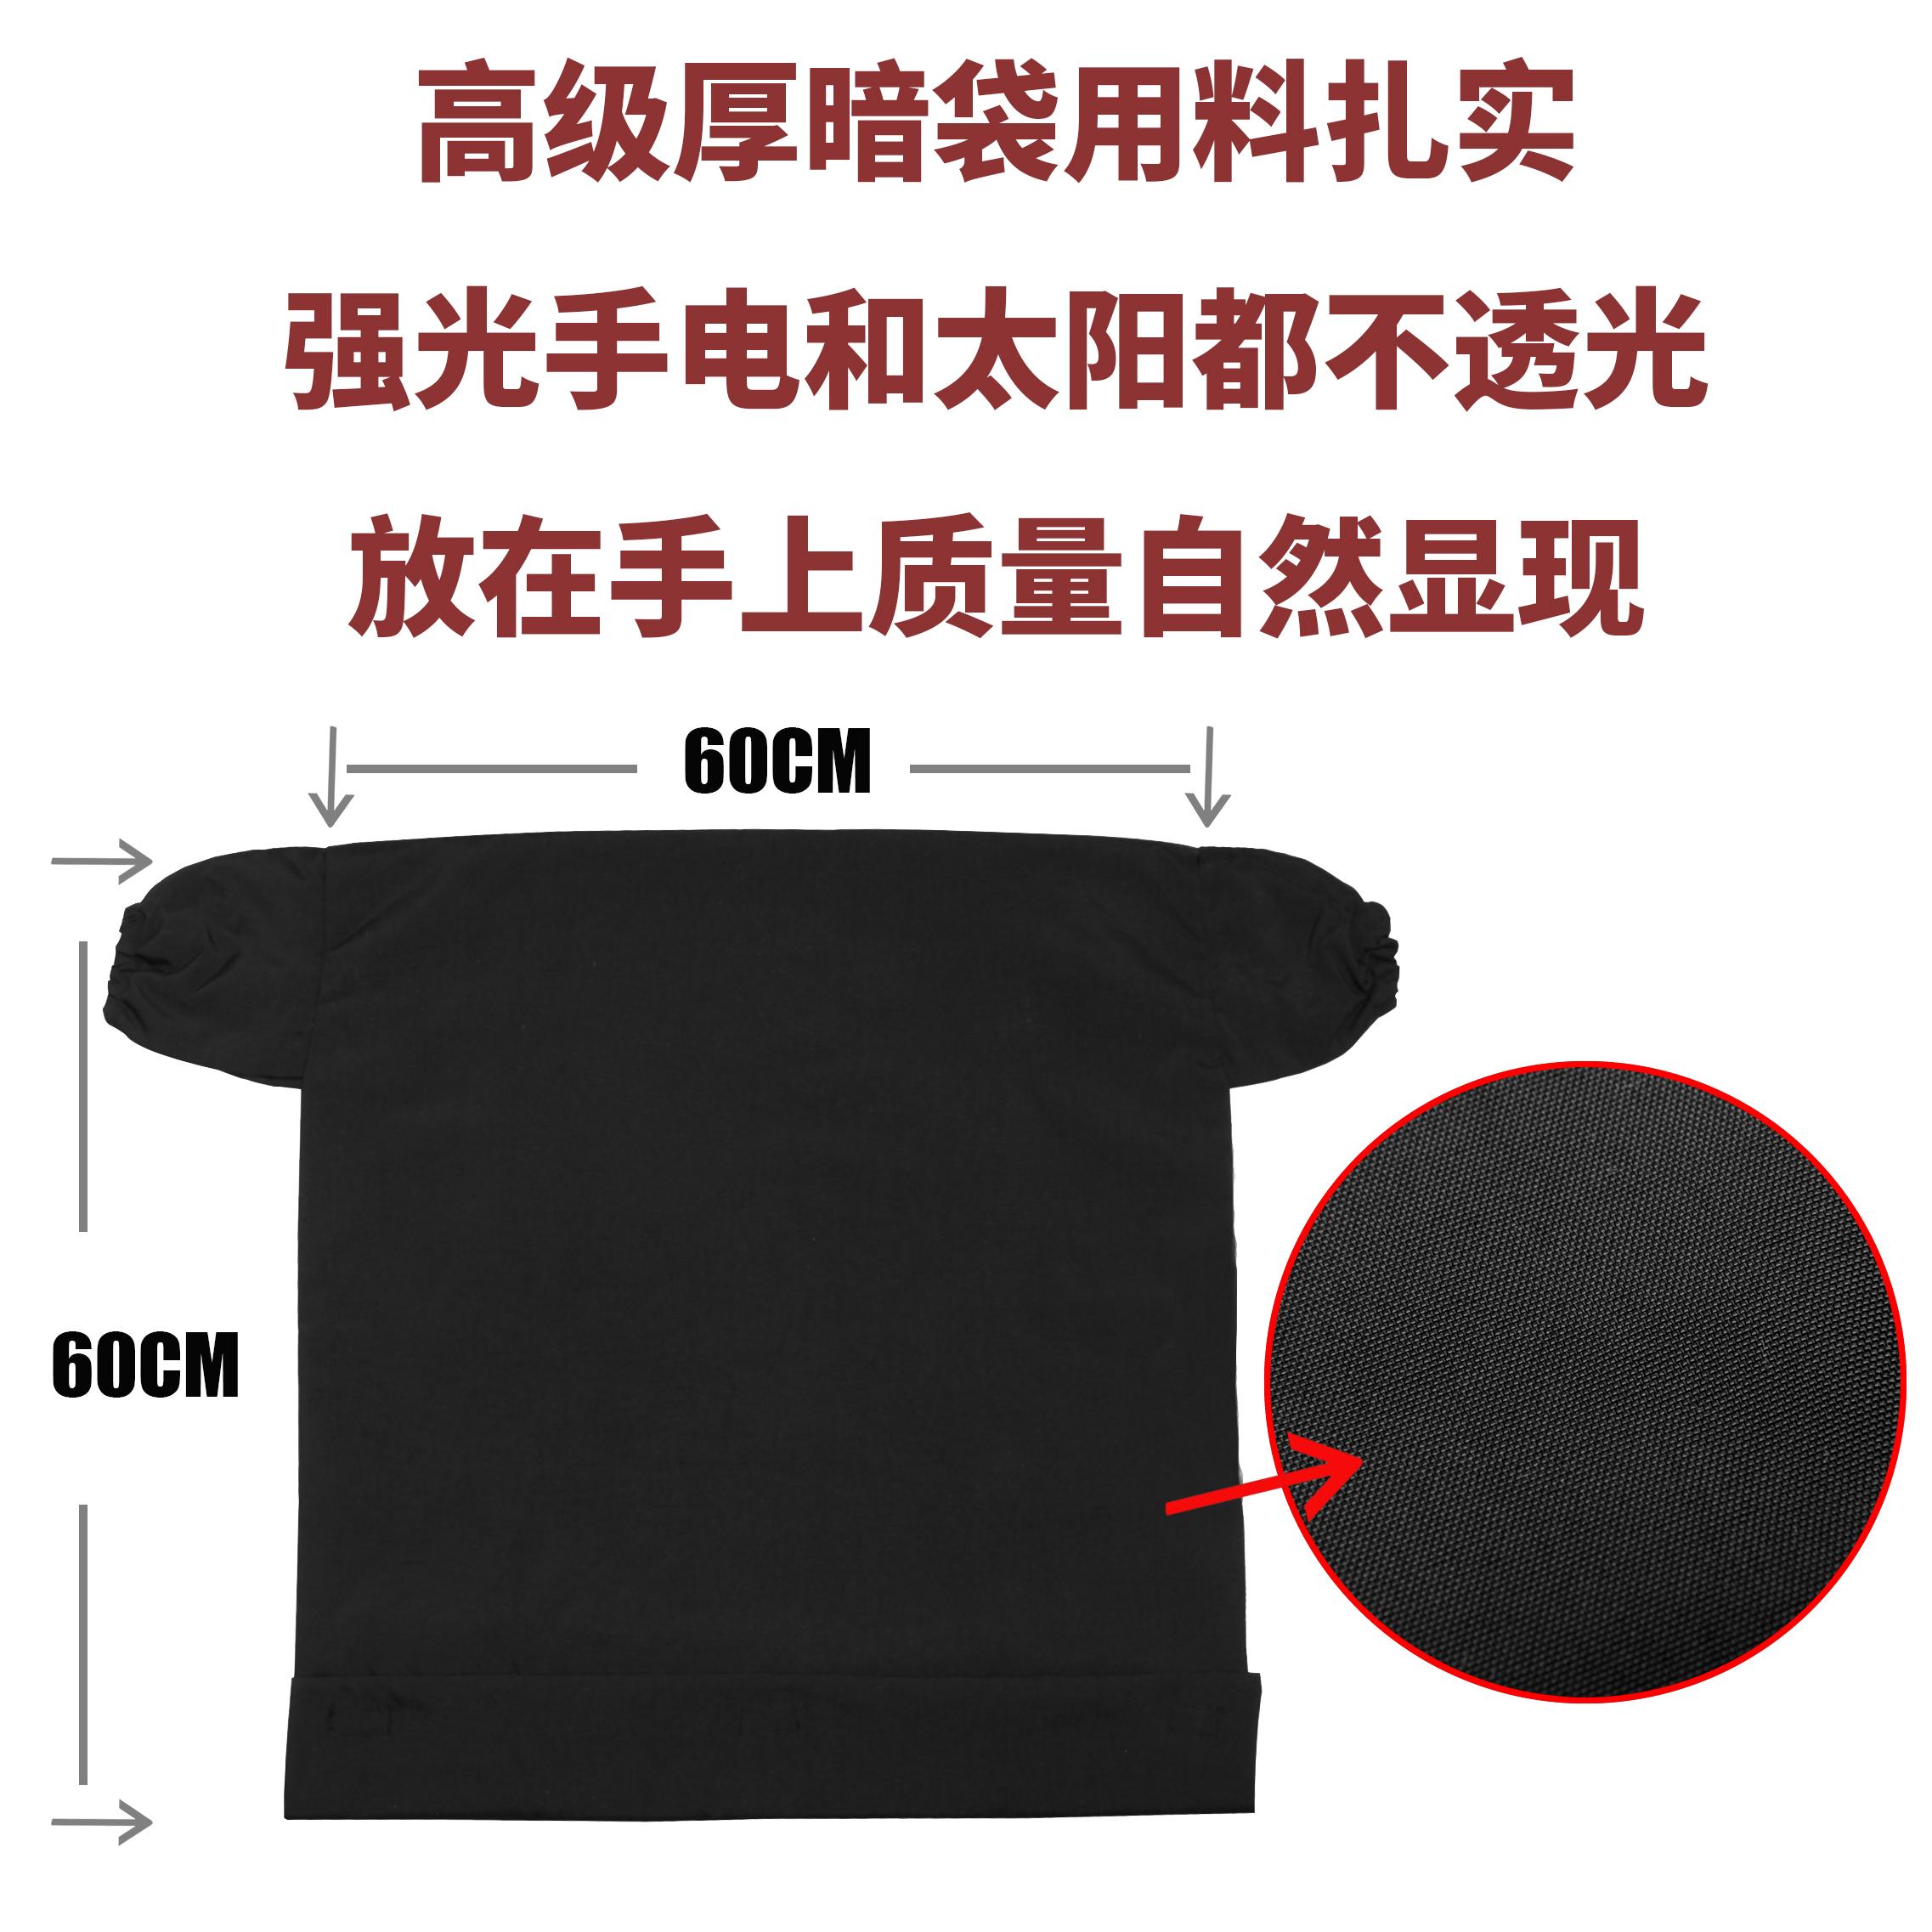 暗袋暗房袋不透光冲暗房袋洗用大号暗袋60*60cm